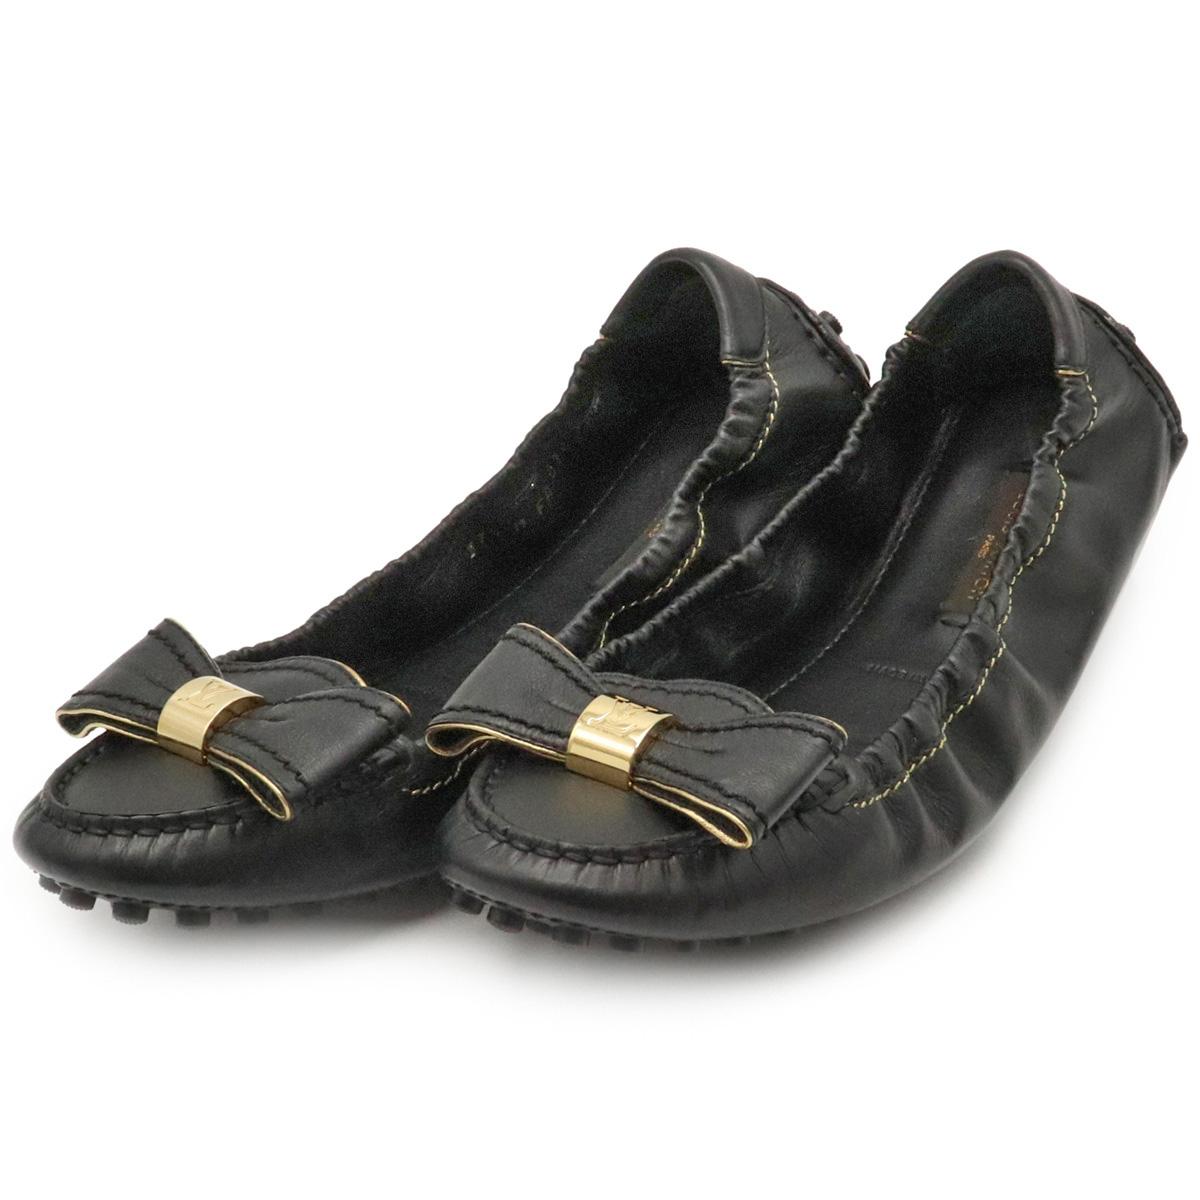 【未使用品】【靴】LOUIS VUITTON ルイ ヴィトン ドライビングシューズ フラット バレエシューズ リボン レザー ブラック 黒 サイズ#37 1/2 24.5cm 【中古】